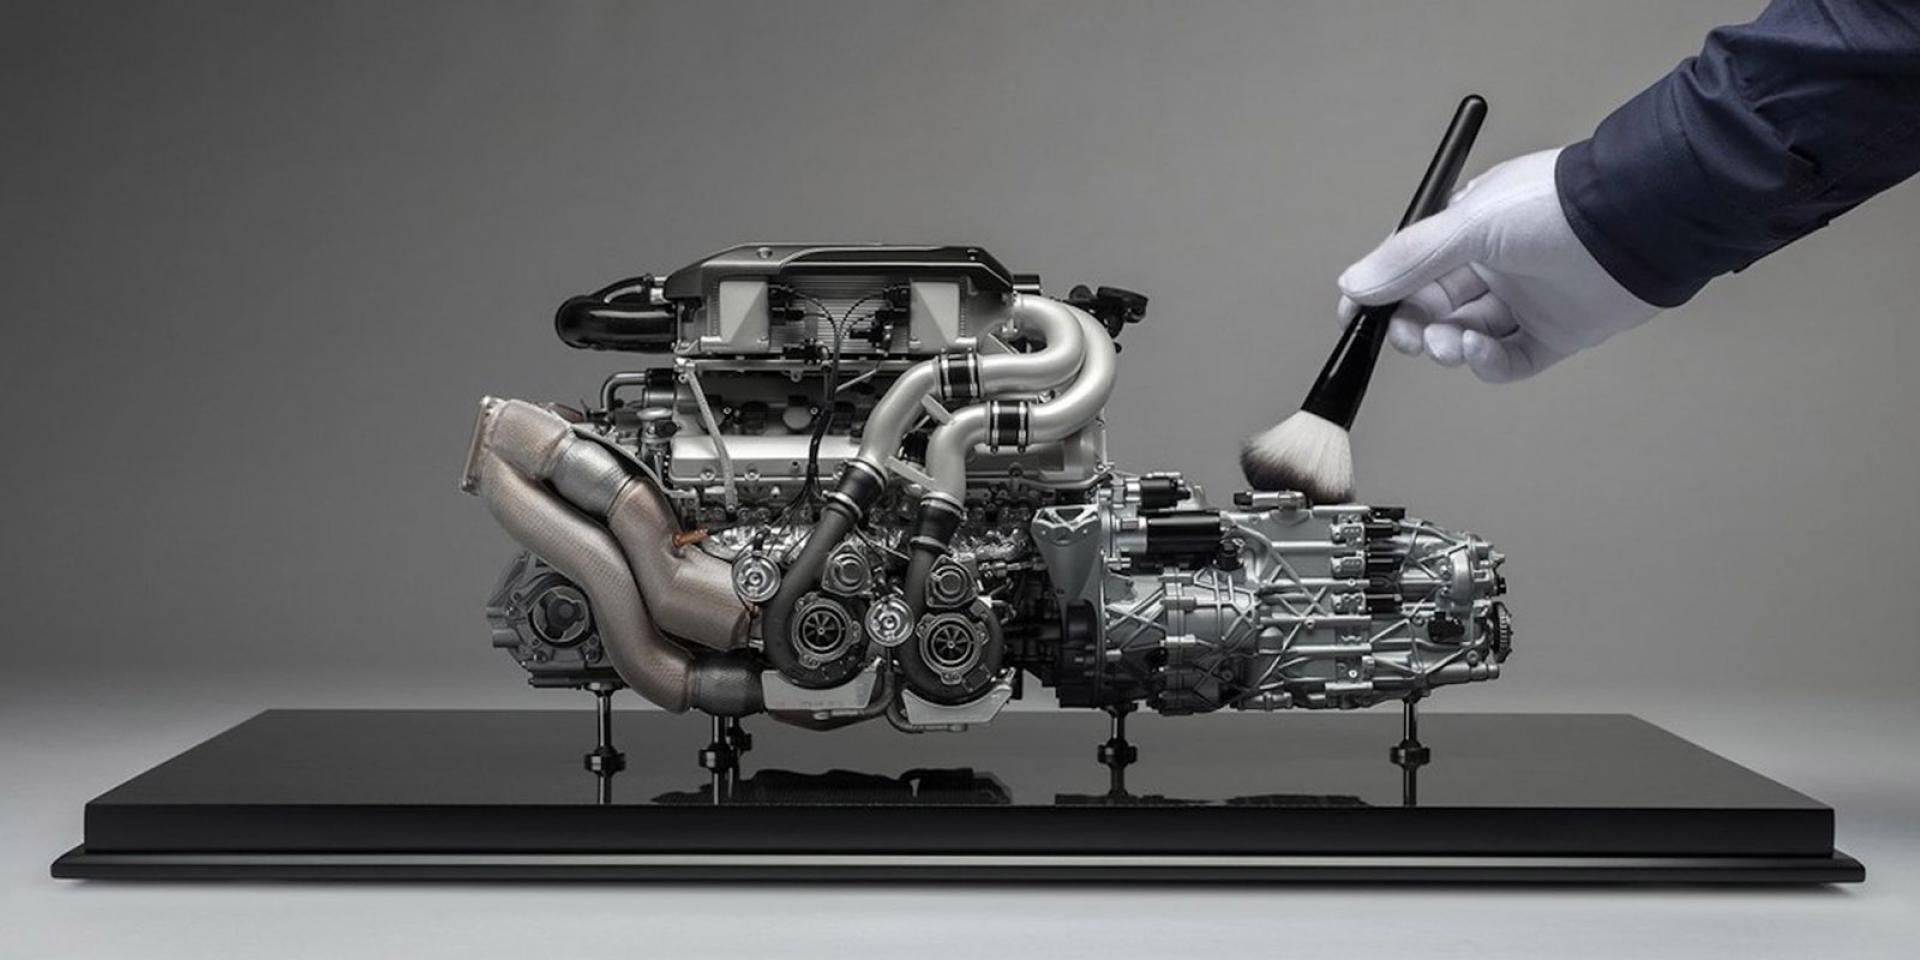 價值30萬的超精緻模型。Bugatti認證Chiron W16四渦輪引擎模型